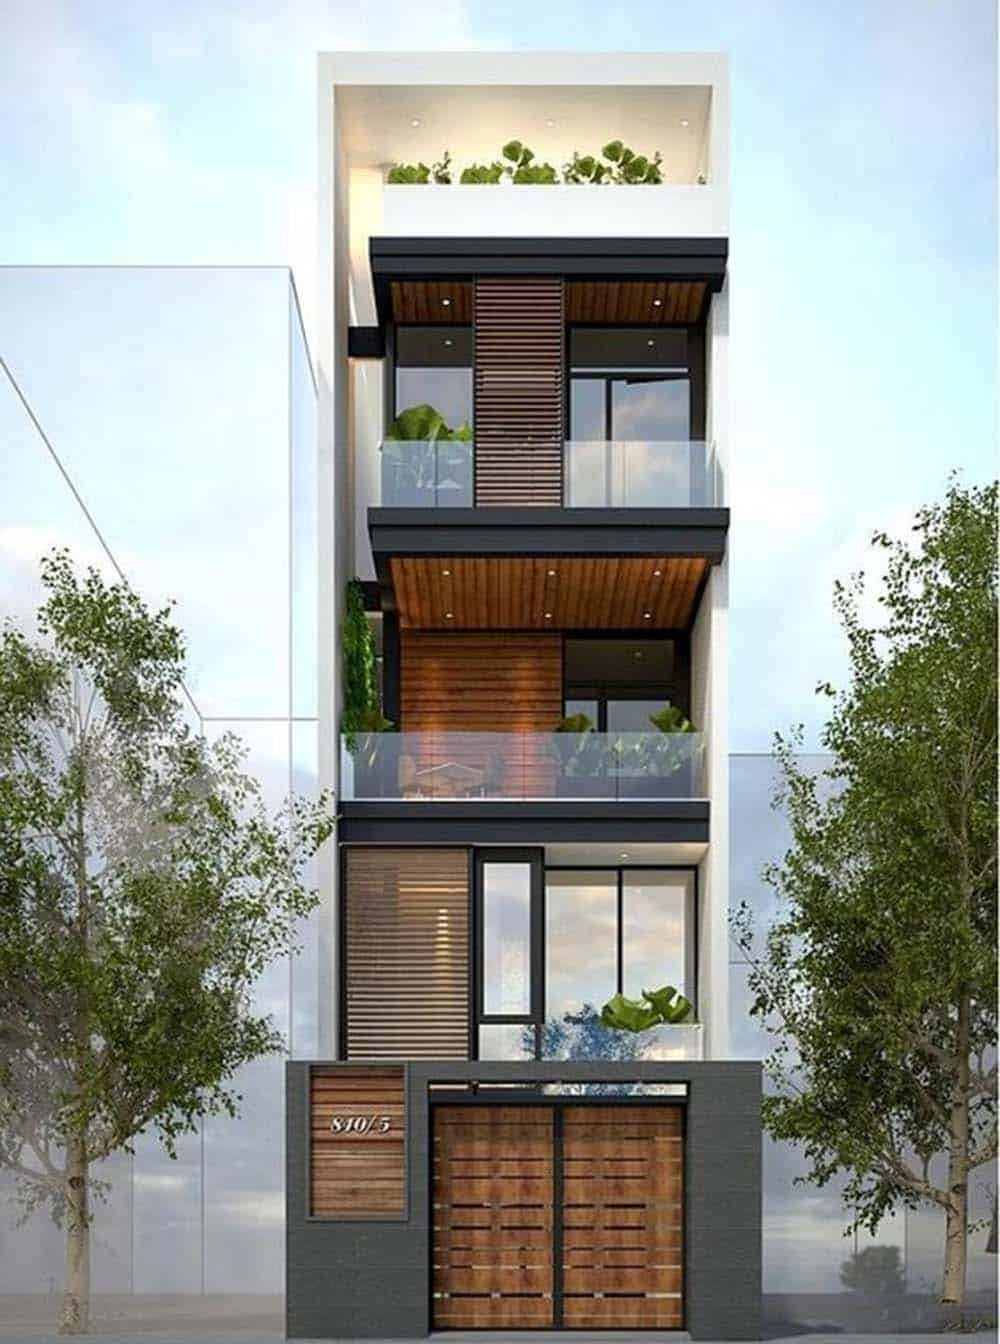 Thiết kế nhà 4 tầng với ban công rộng